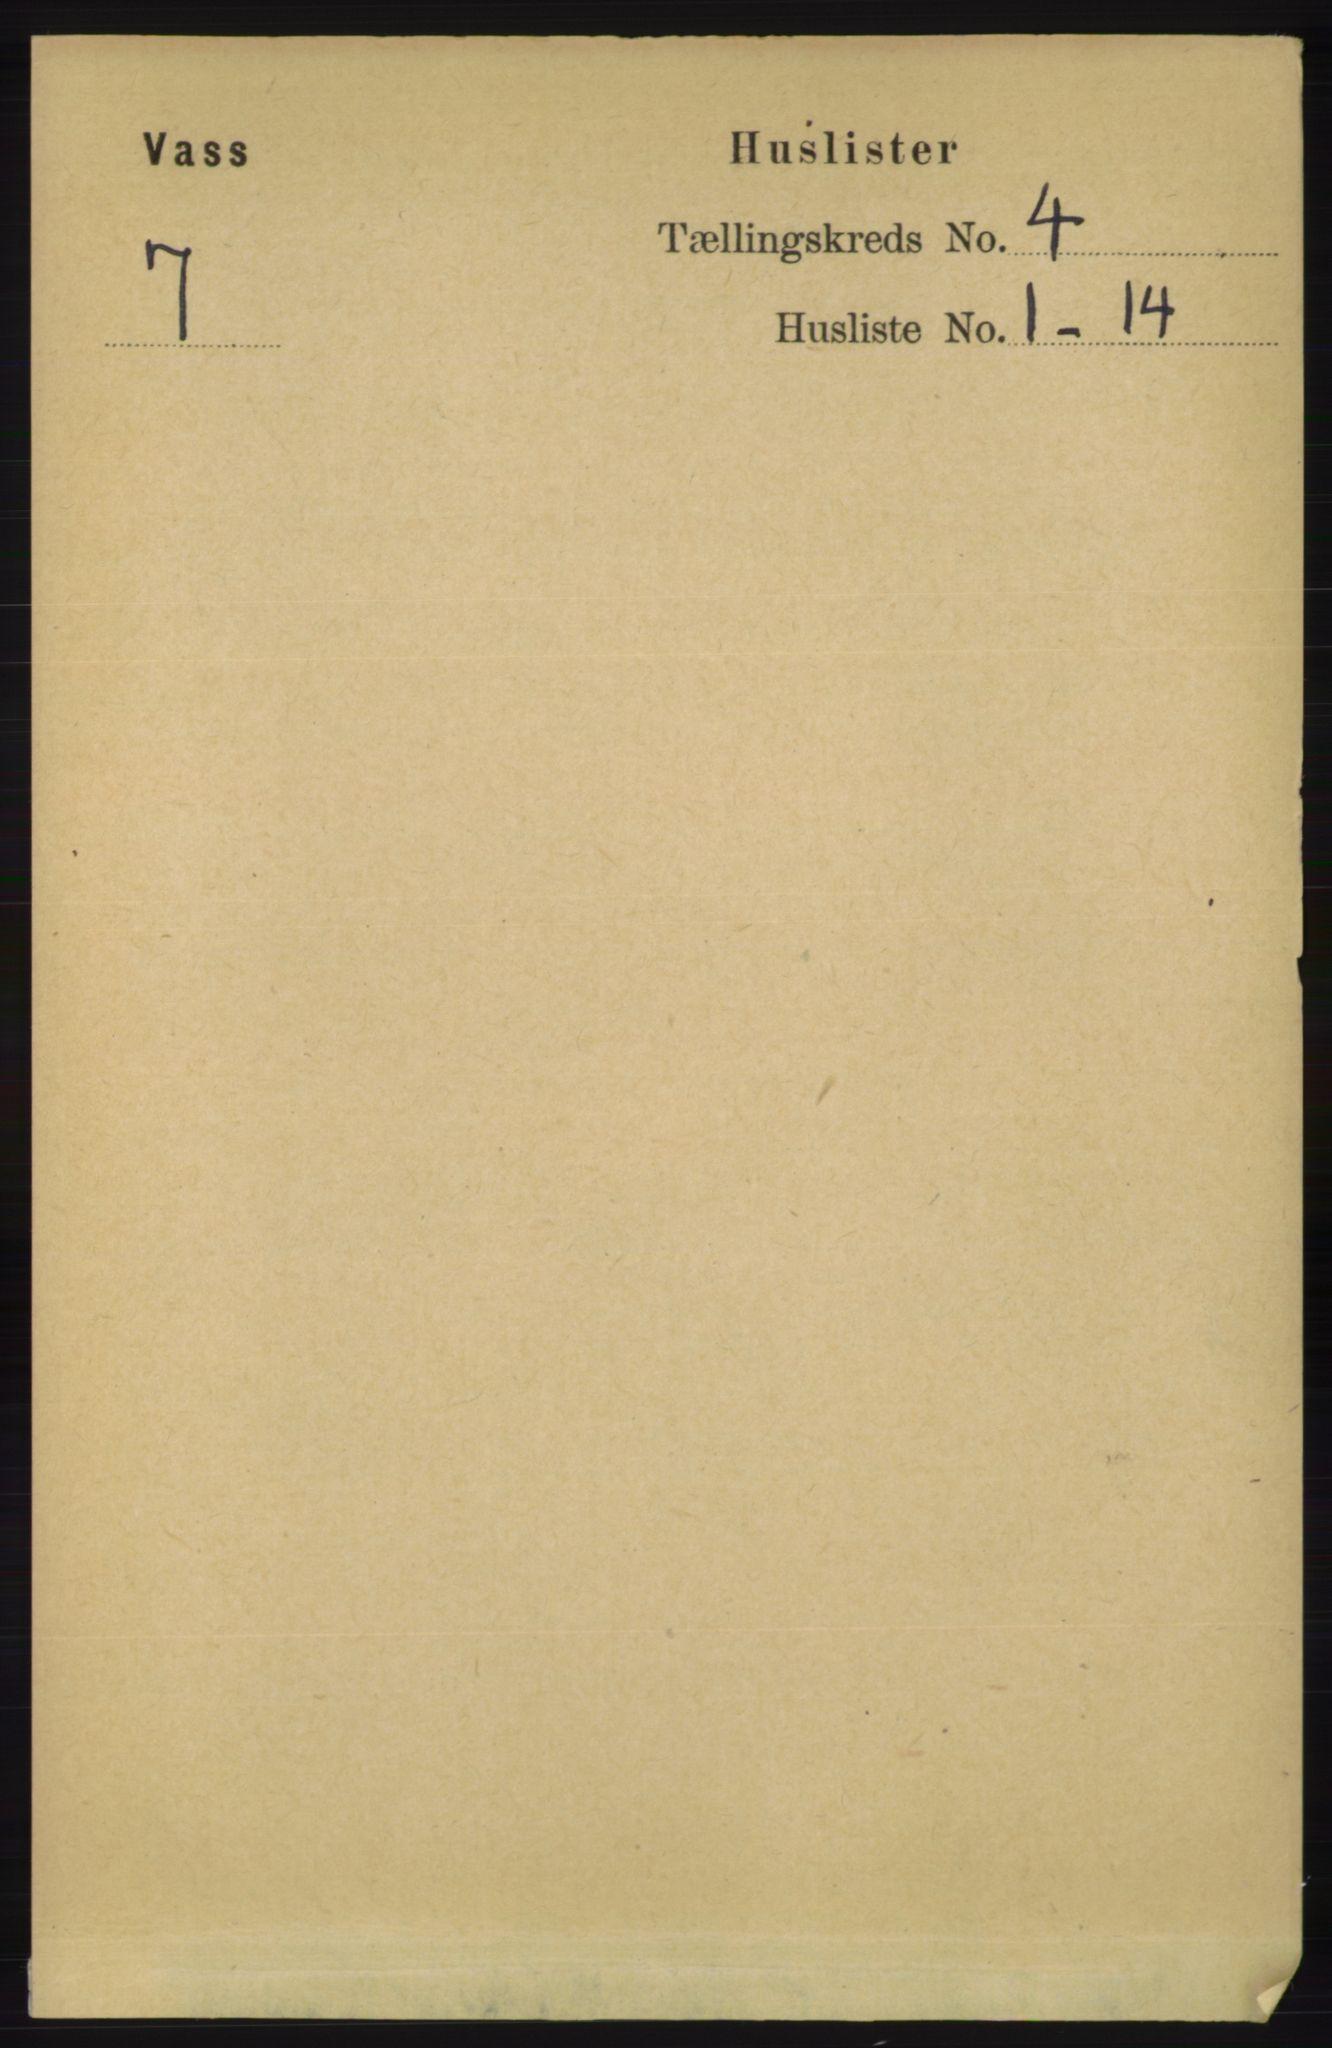 RA, Folketelling 1891 for 1155 Vats herred, 1891, s. 590